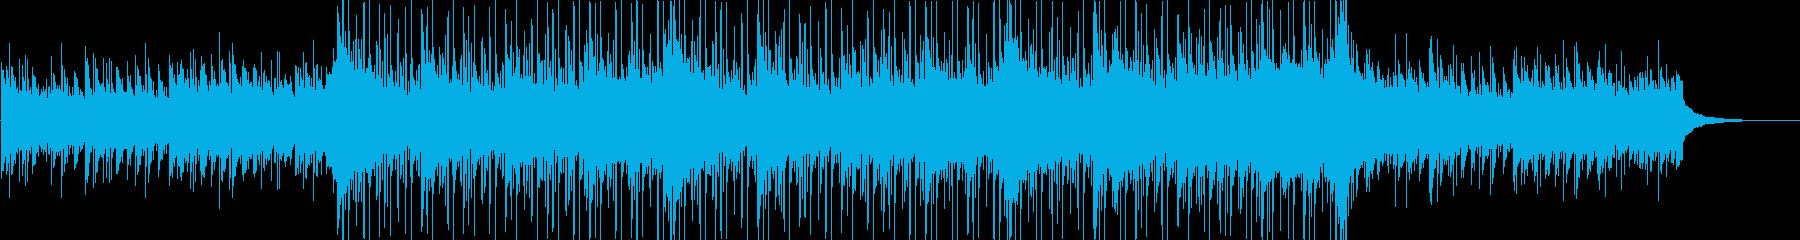 ピアノ、雰囲気のあるパッド、ストリ...の再生済みの波形